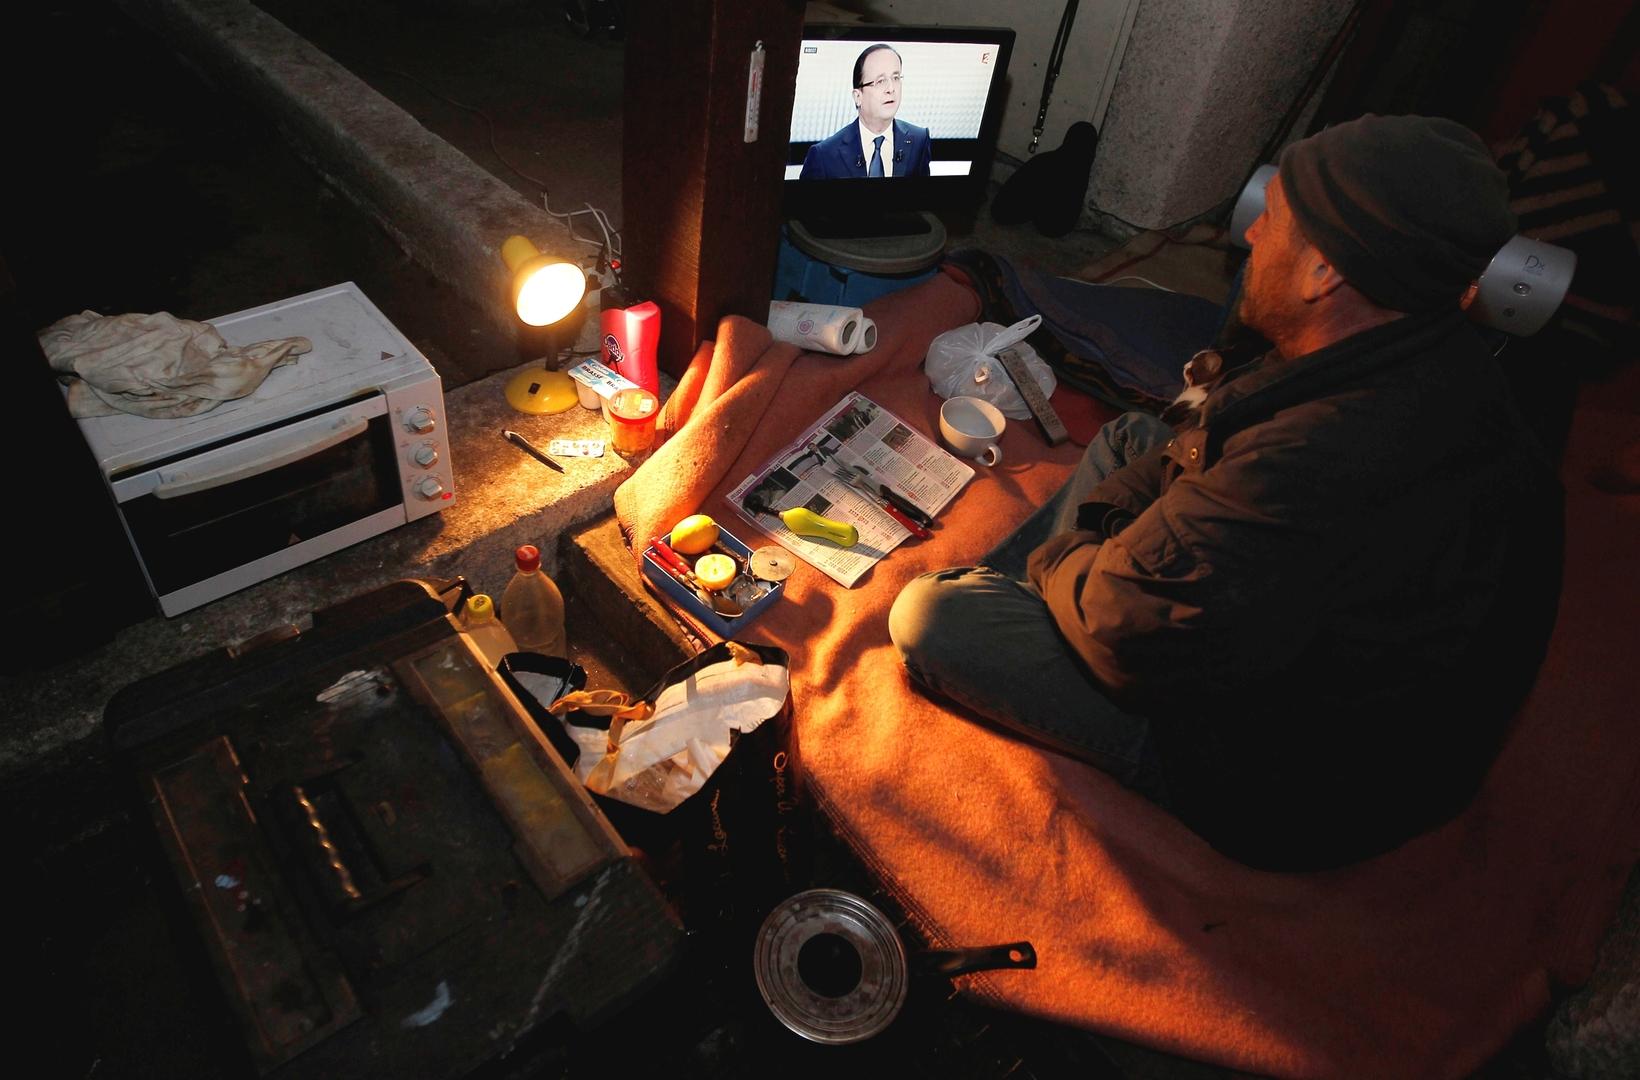 فرنسي فقير يعيش بمفرده في ضيق في جنوب البلاد في انتظار مسكن لائق. الصورة: أرشيف.